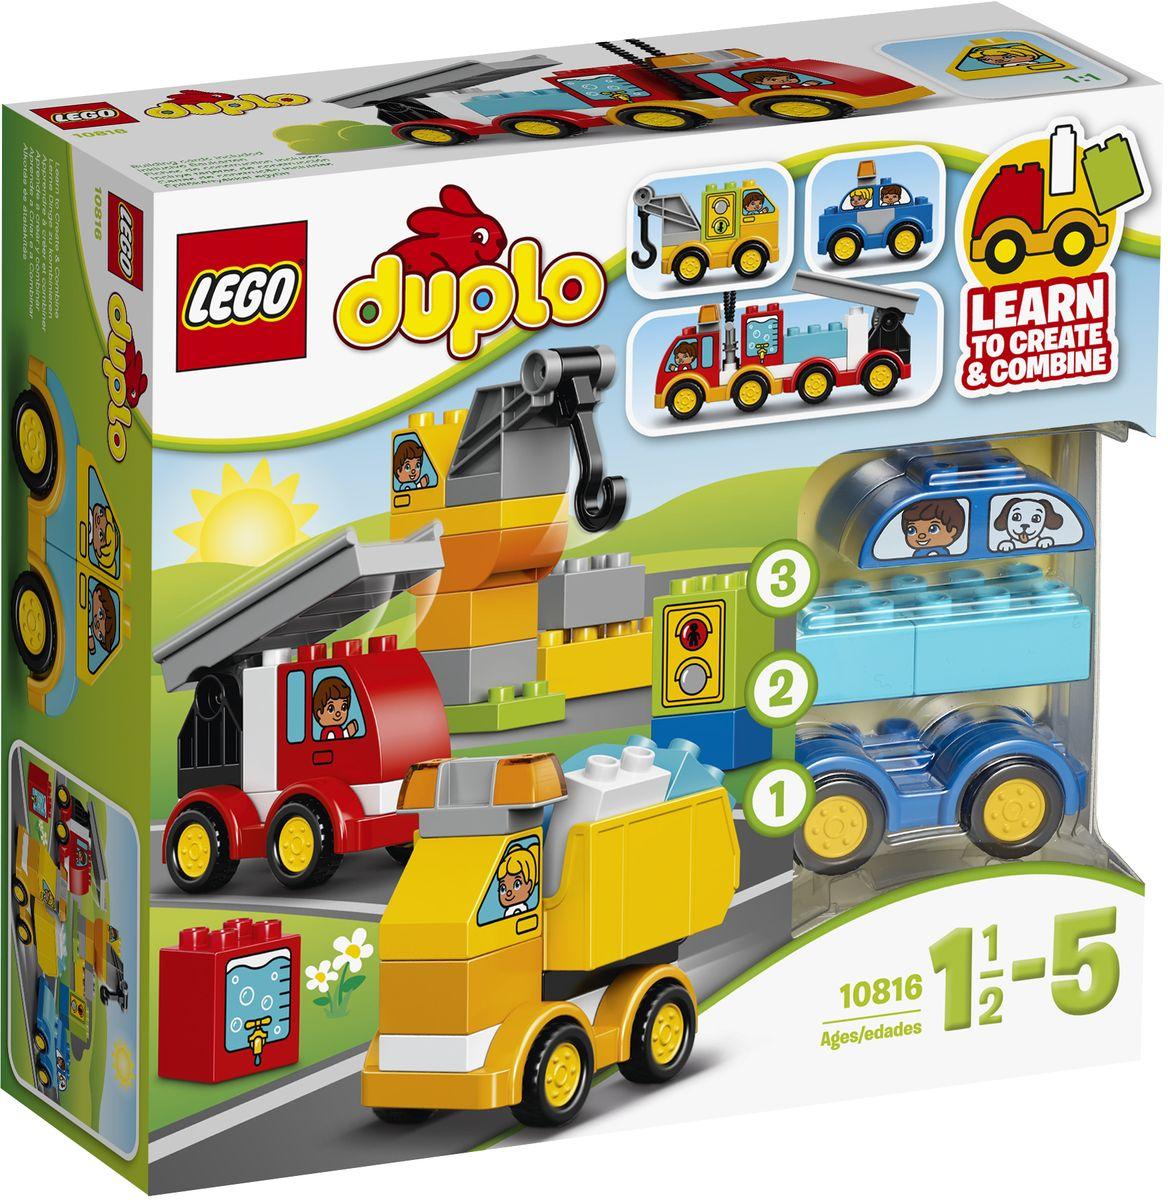 LEGO DUPLO Конструктор Мои первые машинки 1081610816С помощью конструктора LEGO DUPLO Мои первые машинки малыши будут учиться комбинировать колёсную базу и красочные кубики для создания автомобилей всех форм и размеров. Этот вдохновляющий набор предлагает бесконечные варианты для творчества и создания историй. Тут есть декорированные кубики и строительные карточки, которые помогут придумывать новые идеи. Крупные кубики LEGO DUPLO специально разработаны безопасными и удобными для маленьких ручек. В процессе игры с конструкторами LEGO дети приобретают и постигают такие необходимые навыки как познание, творчество, воображение. Обычные наблюдения за детьми показывают, что единственное, чему они с удовольствием посвящают время, - это игры. Игра - это состояние души, это веселый опыт познания реальности. Играя, дети создают собственные миры, осваивают их, а познавая - приобретают знания и умения. Фантазия ребенка безгранична, беря свое начало в детстве, она позволяет ребенку учиться представлять в уме, она...